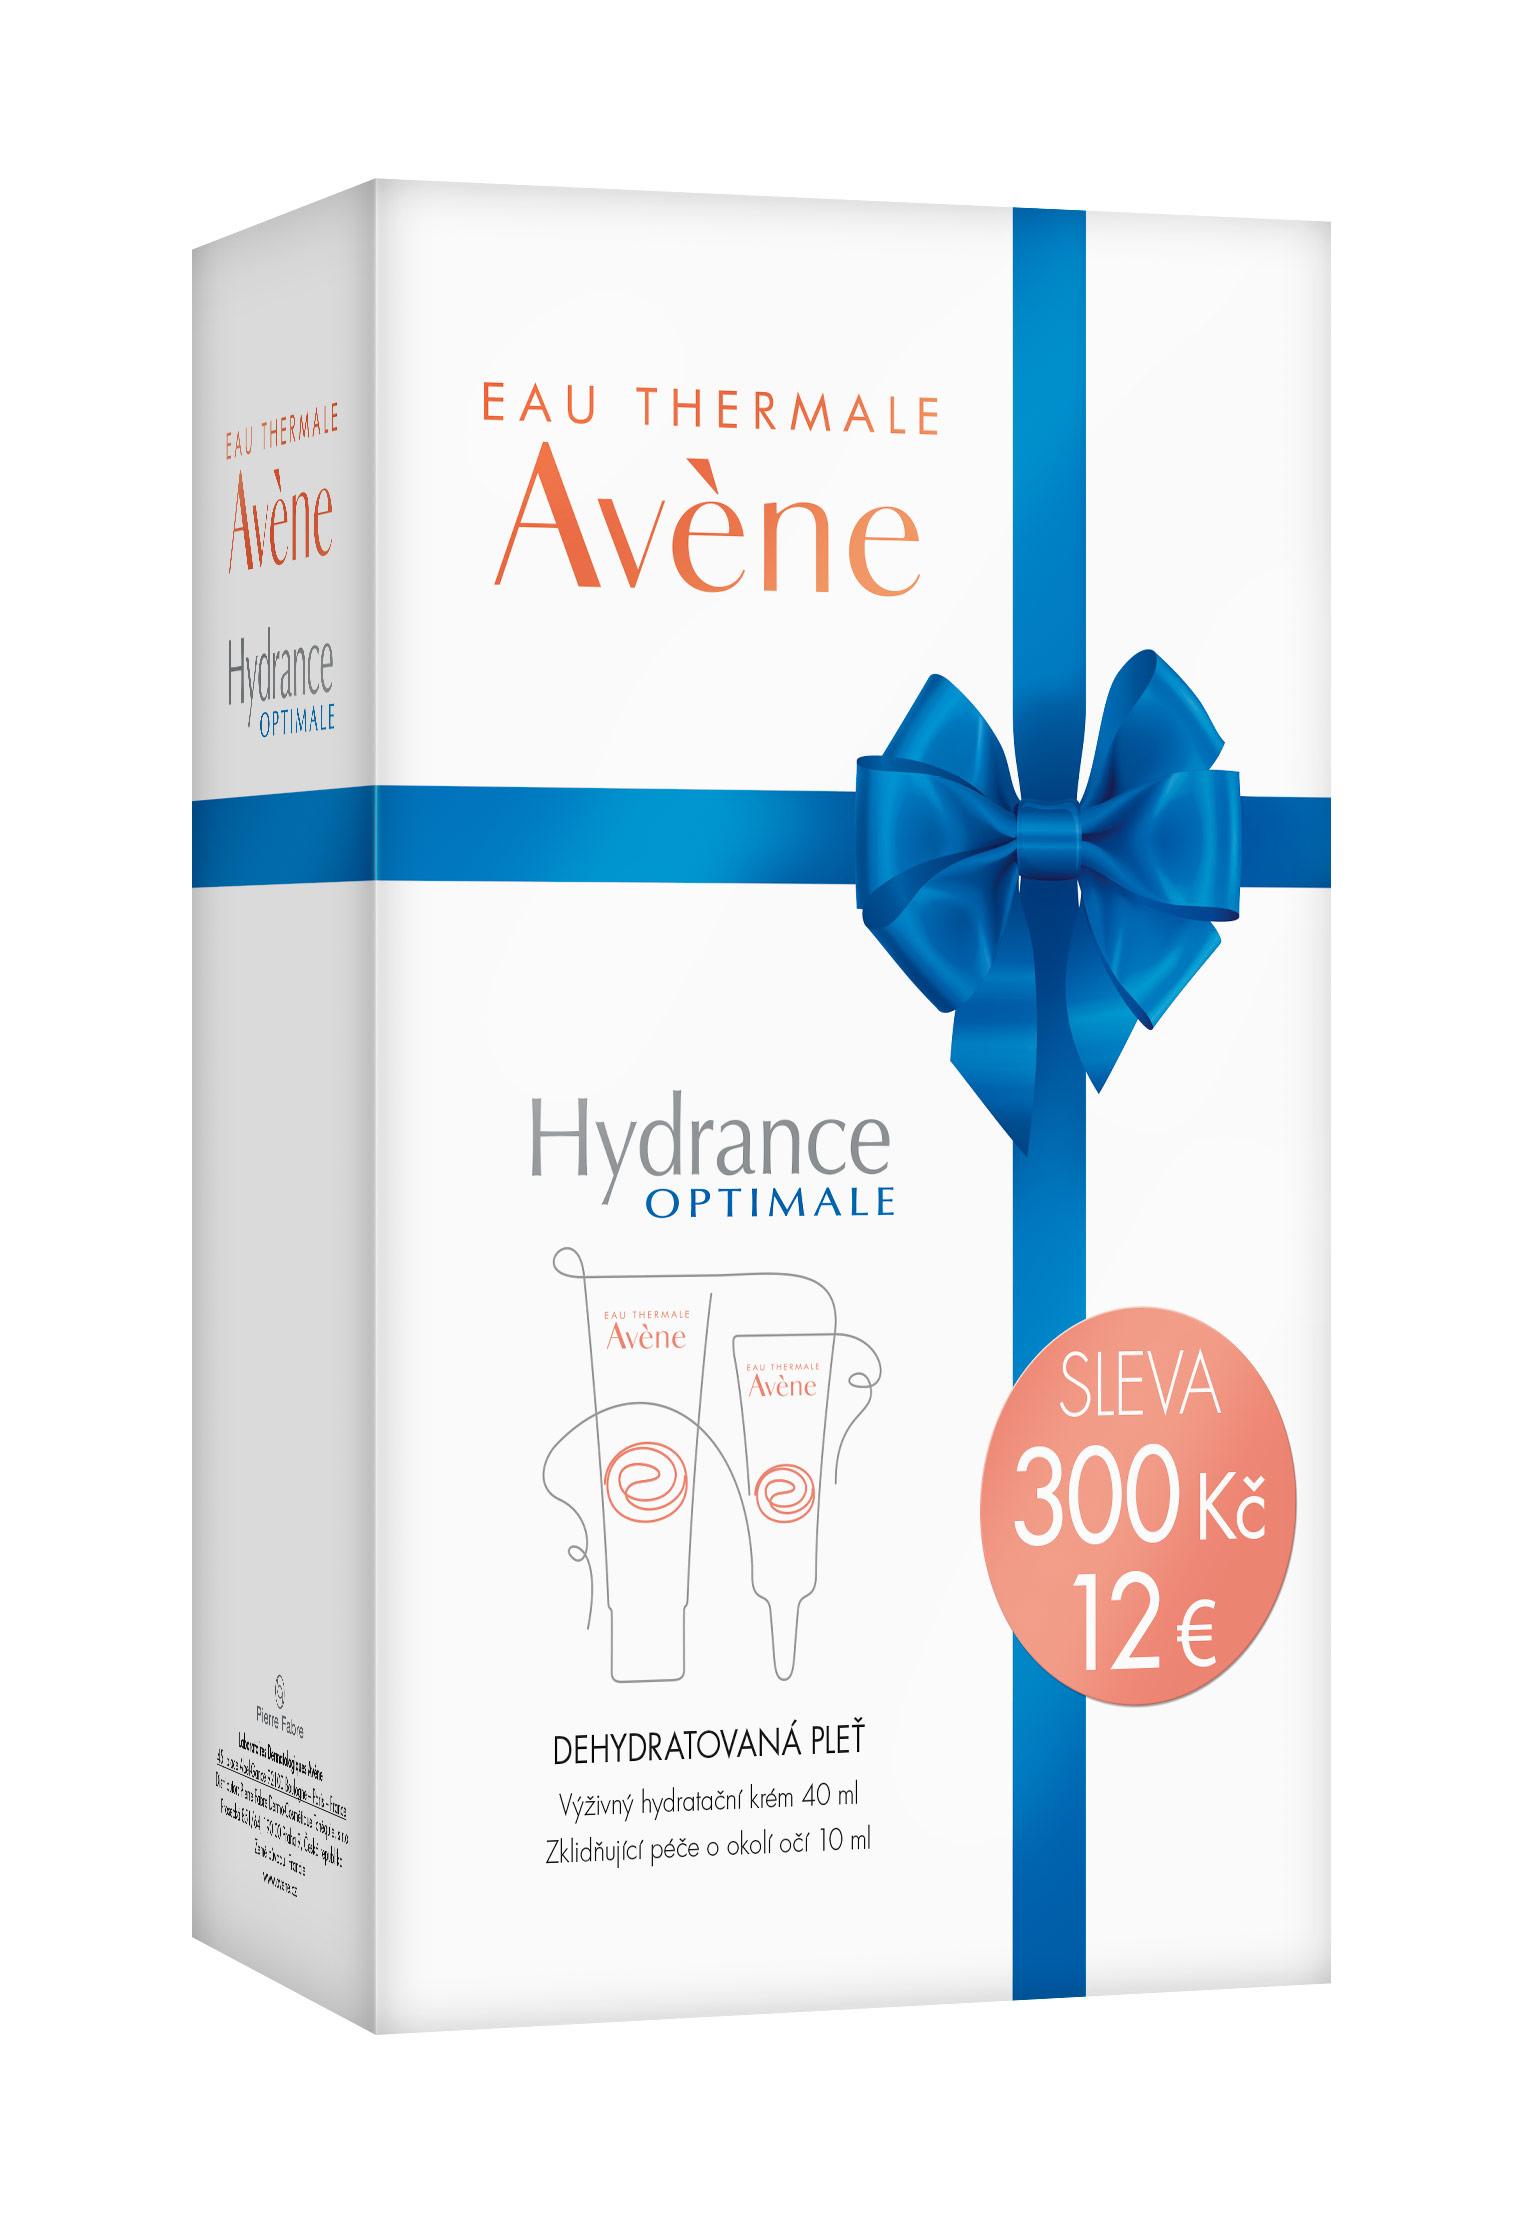 AVENE Hydrance riche balíček Vánoce 2016